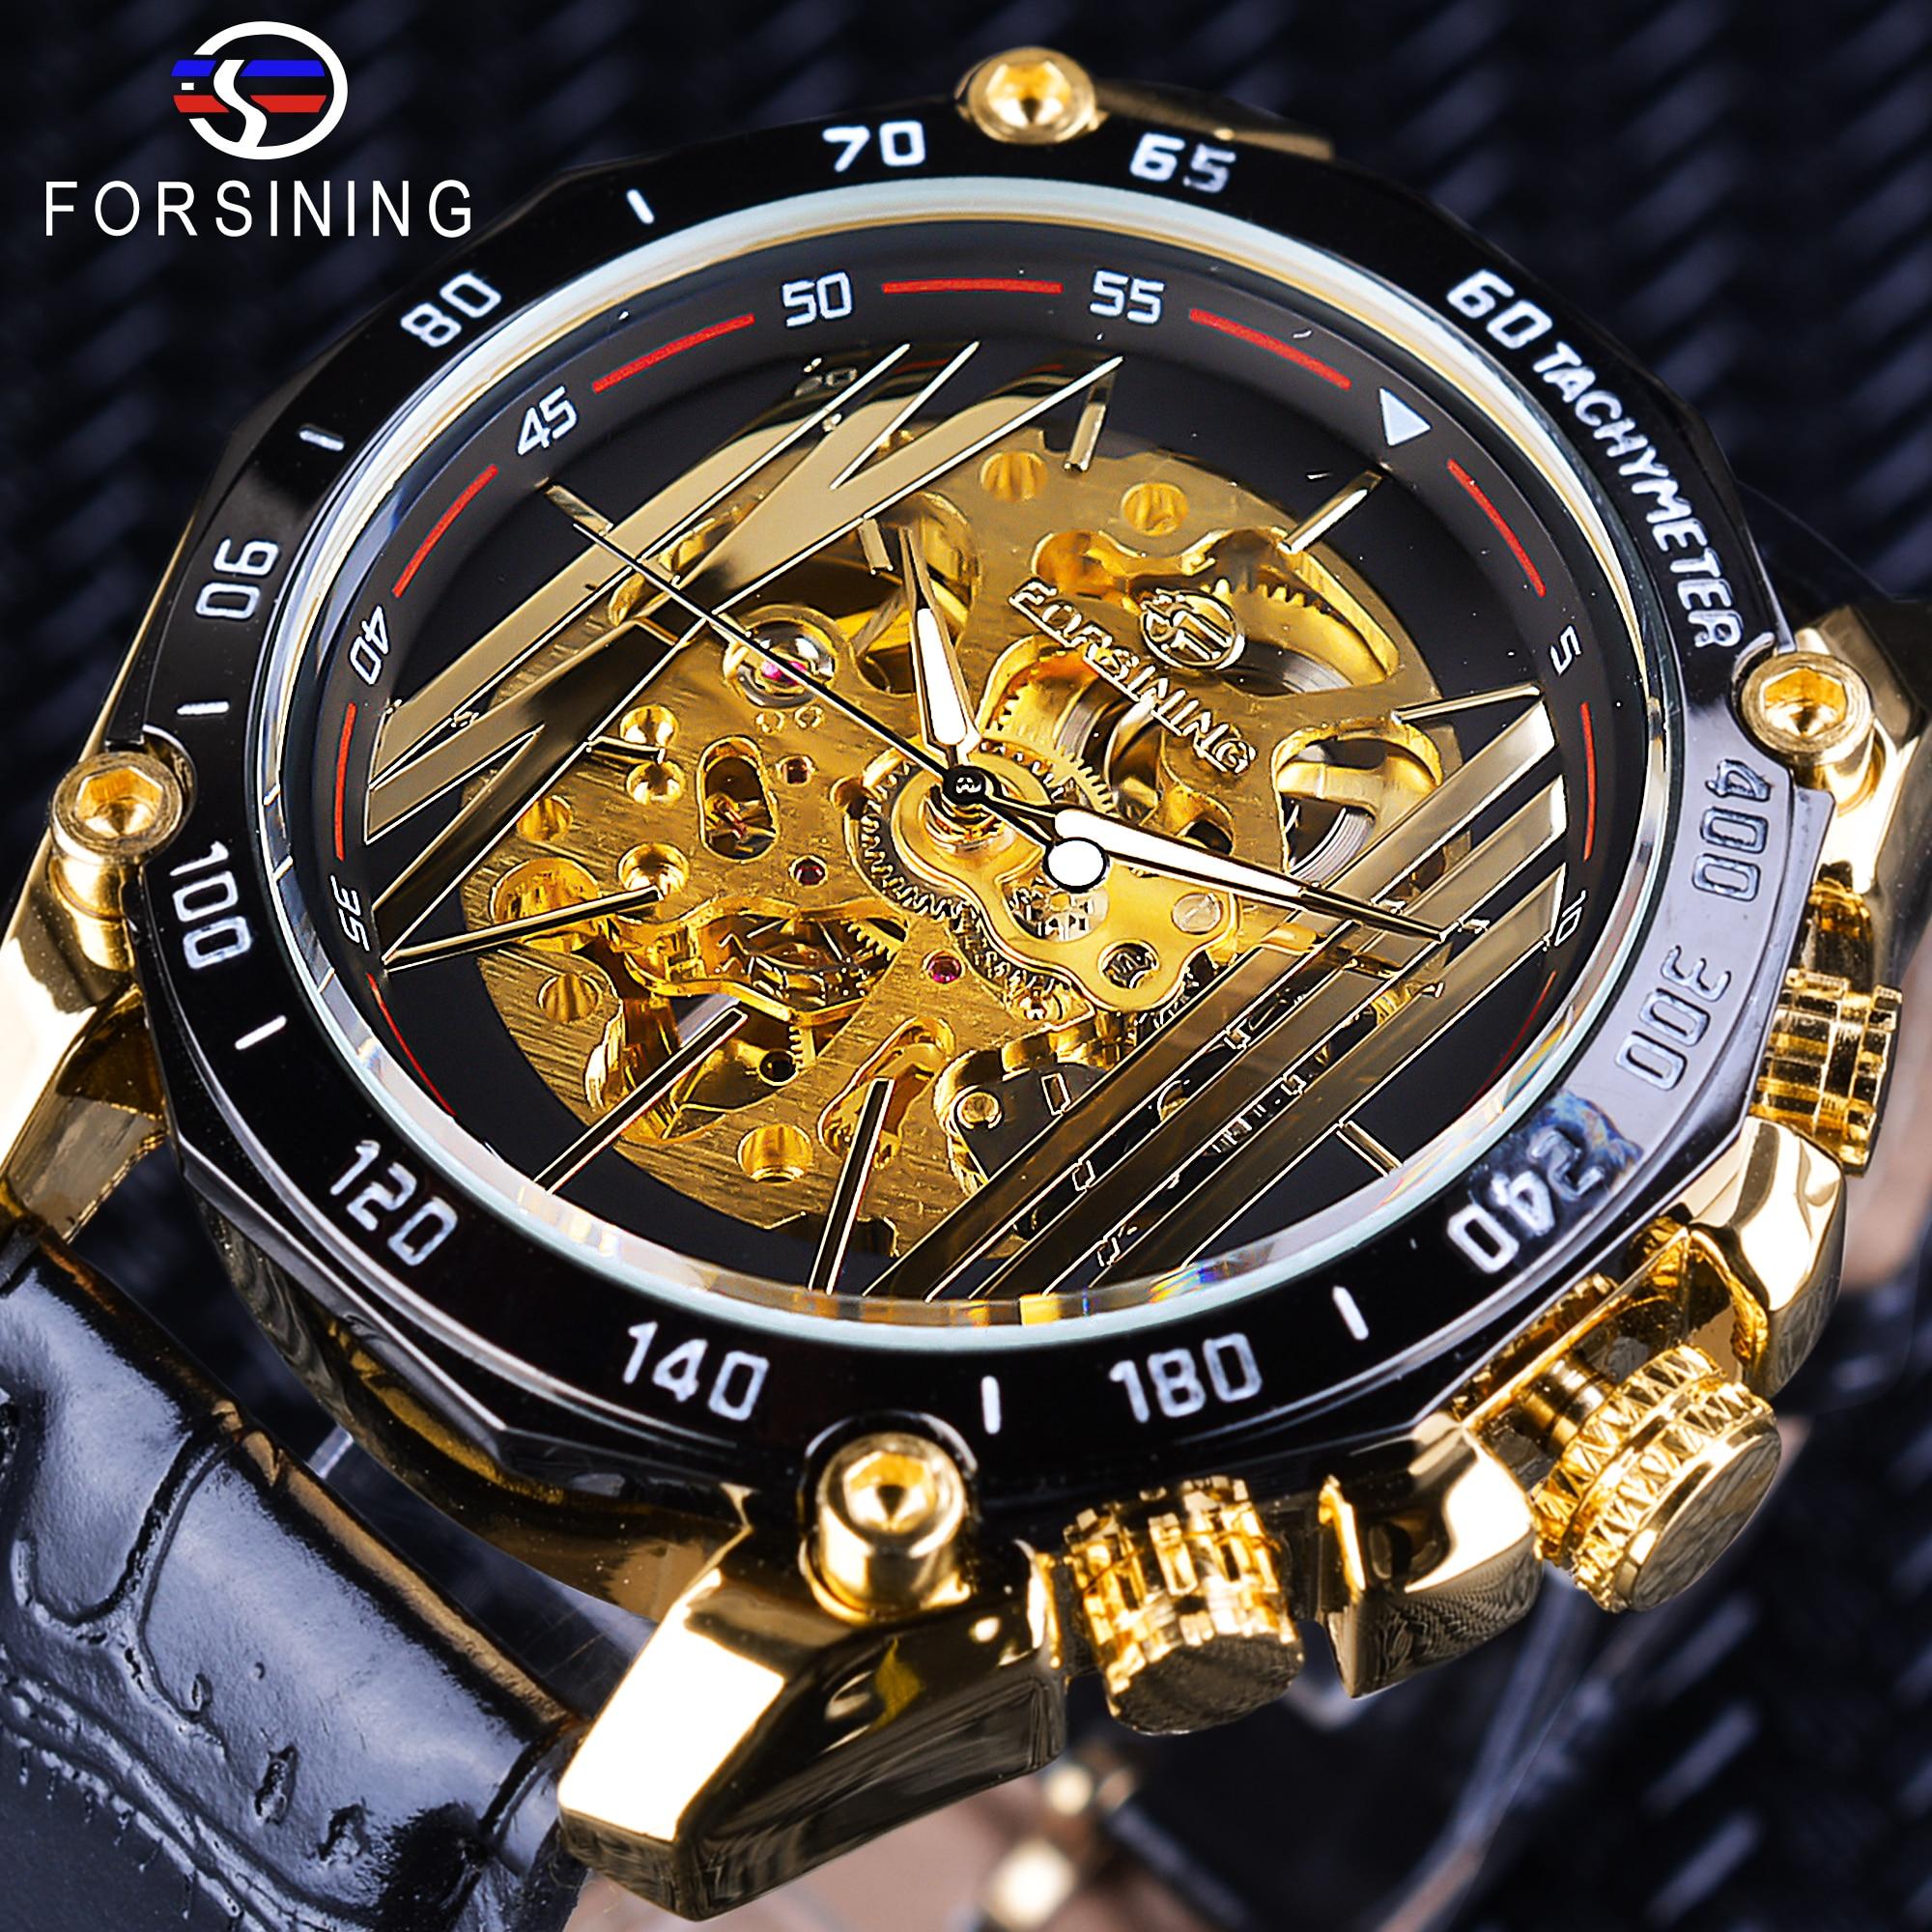 Forsining Grand Cadran Steampunk Conception De Luxe De Vitesse D'or Mouvement Hommes Creative Ajouré Montres Automatique Mécanique Montres